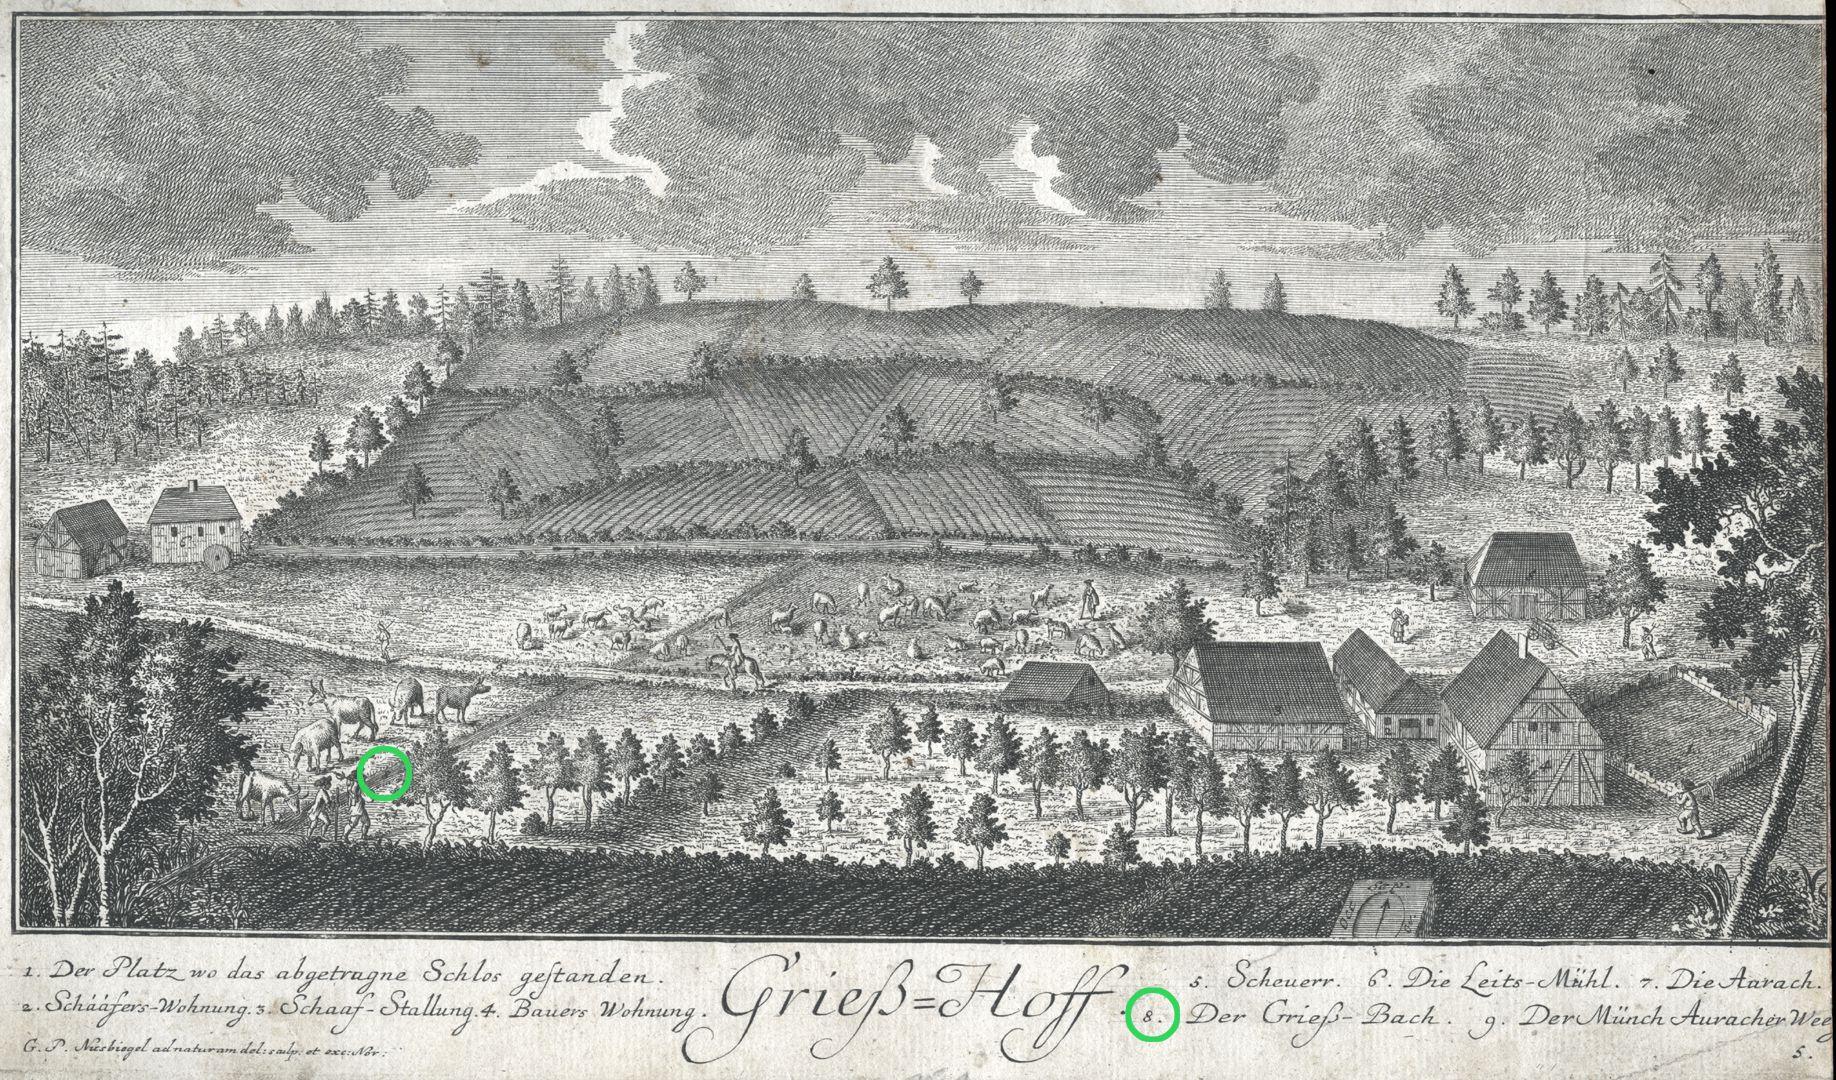 Grieß=Hoff  (Griess farm) Brook Griess